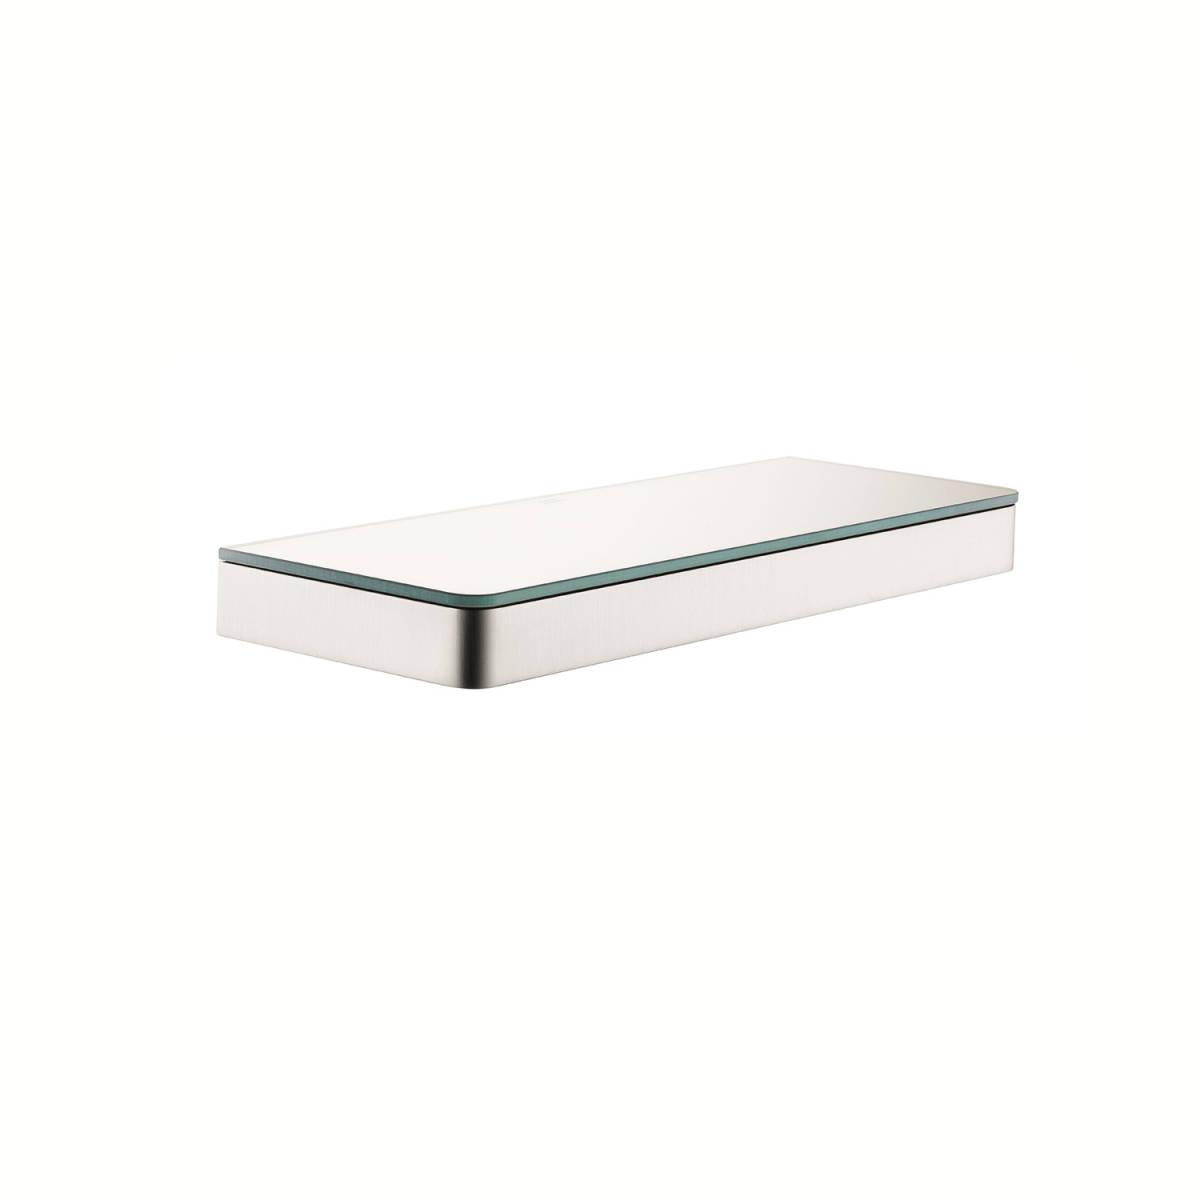 Shelf 300, Brushed Nickel, 42838820